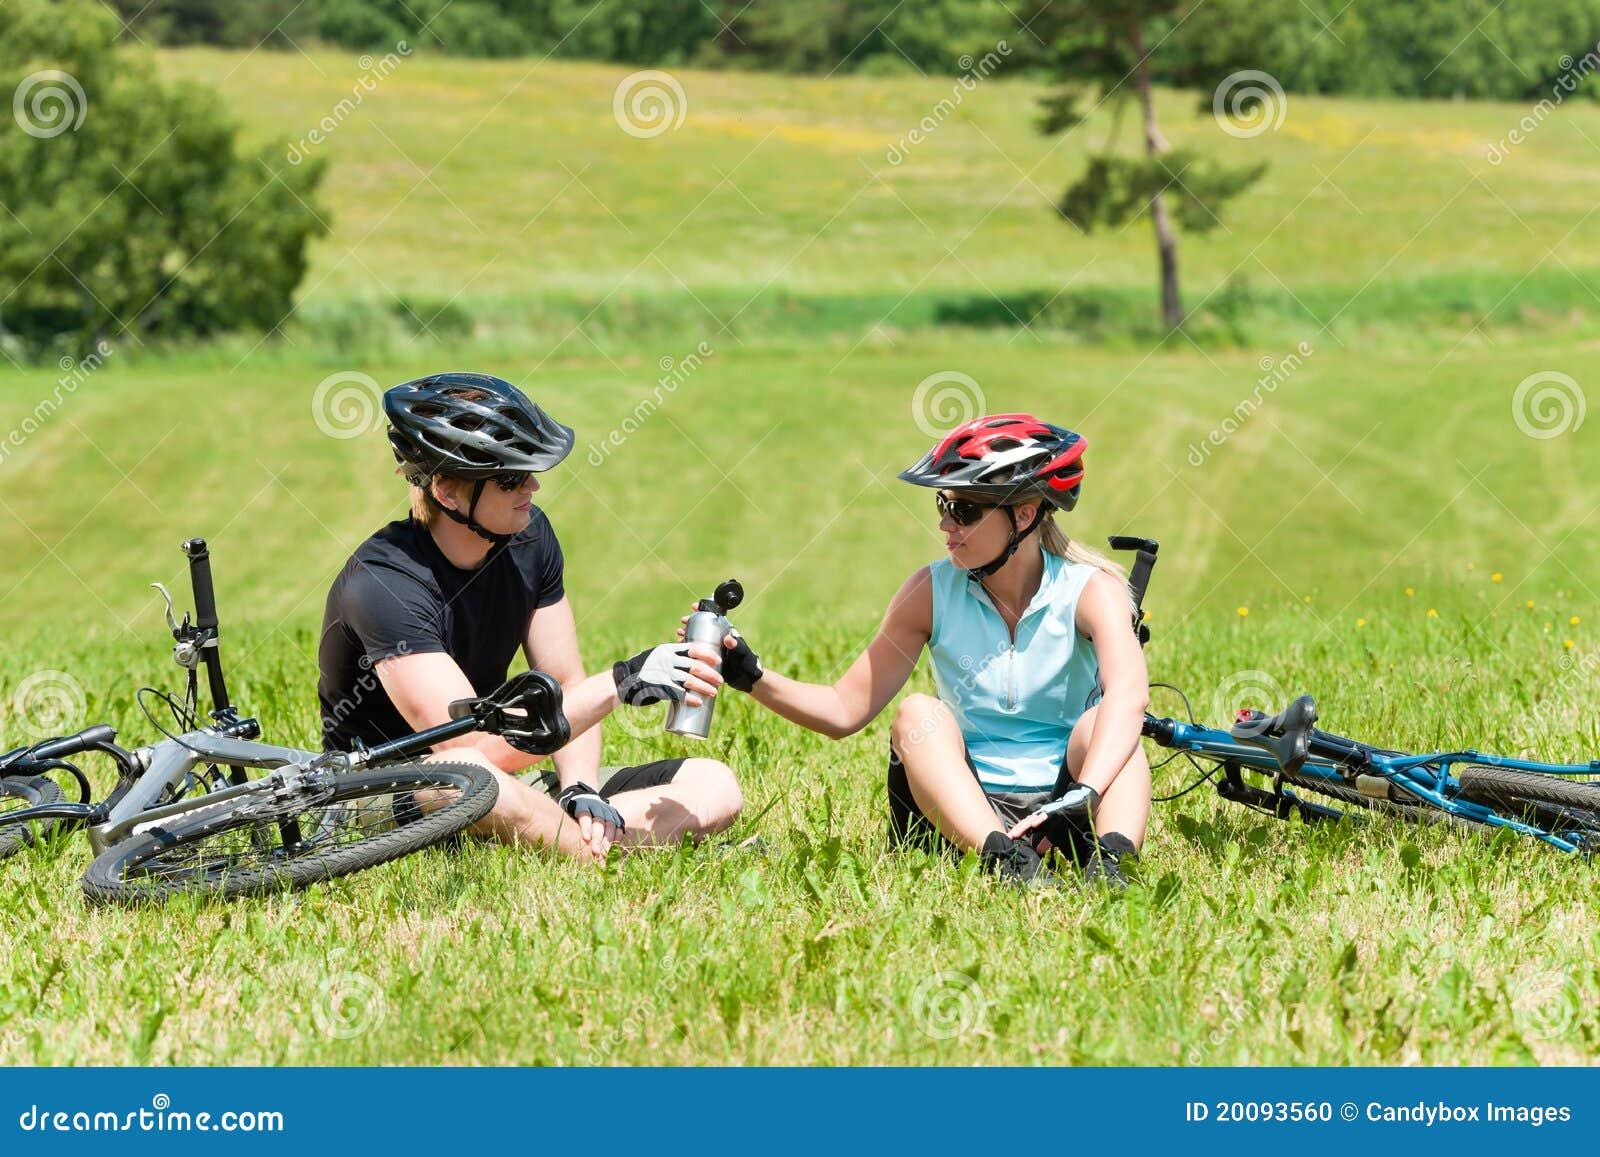 Sportgebirgsradfahrende Paare entspannen sich sonnige Wiesen